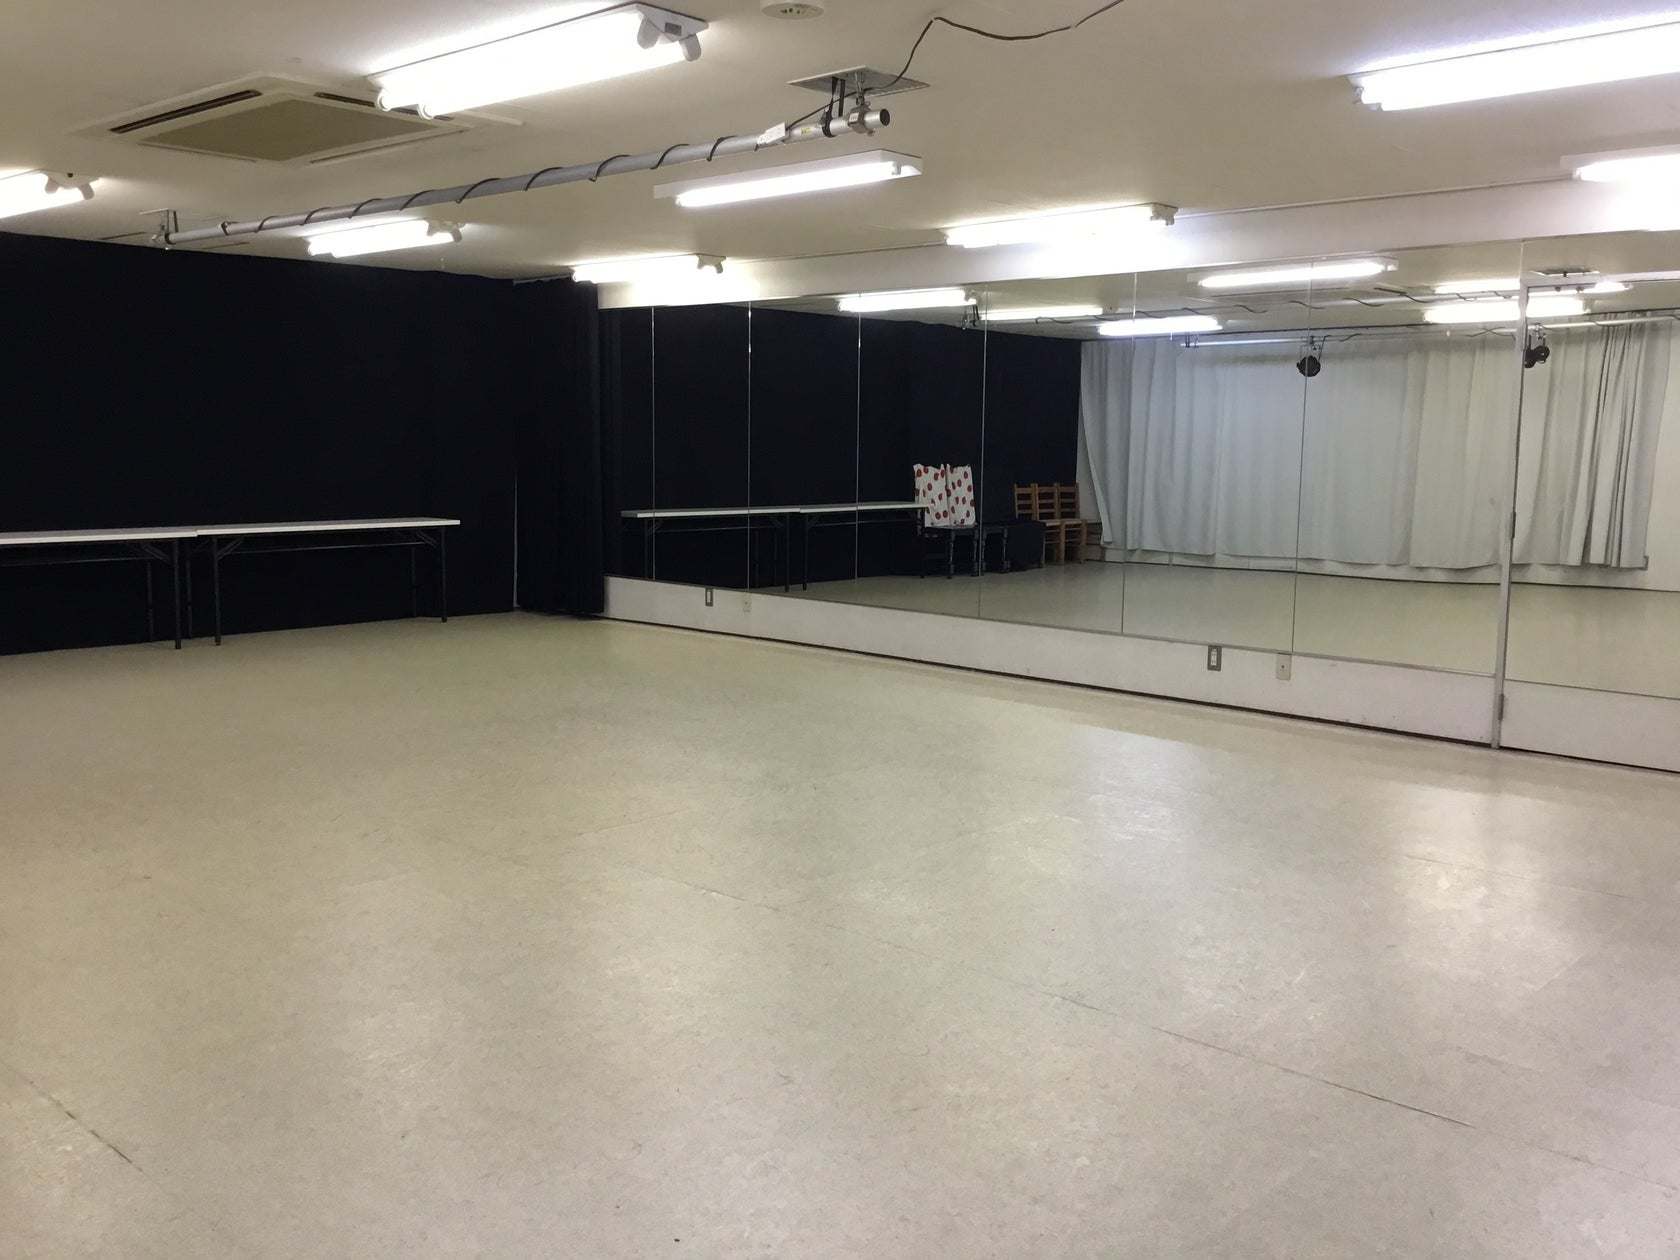 【新所沢駅前】鏡多数で劇場用・舞台稽古もできる広いダンススタジオ! の写真